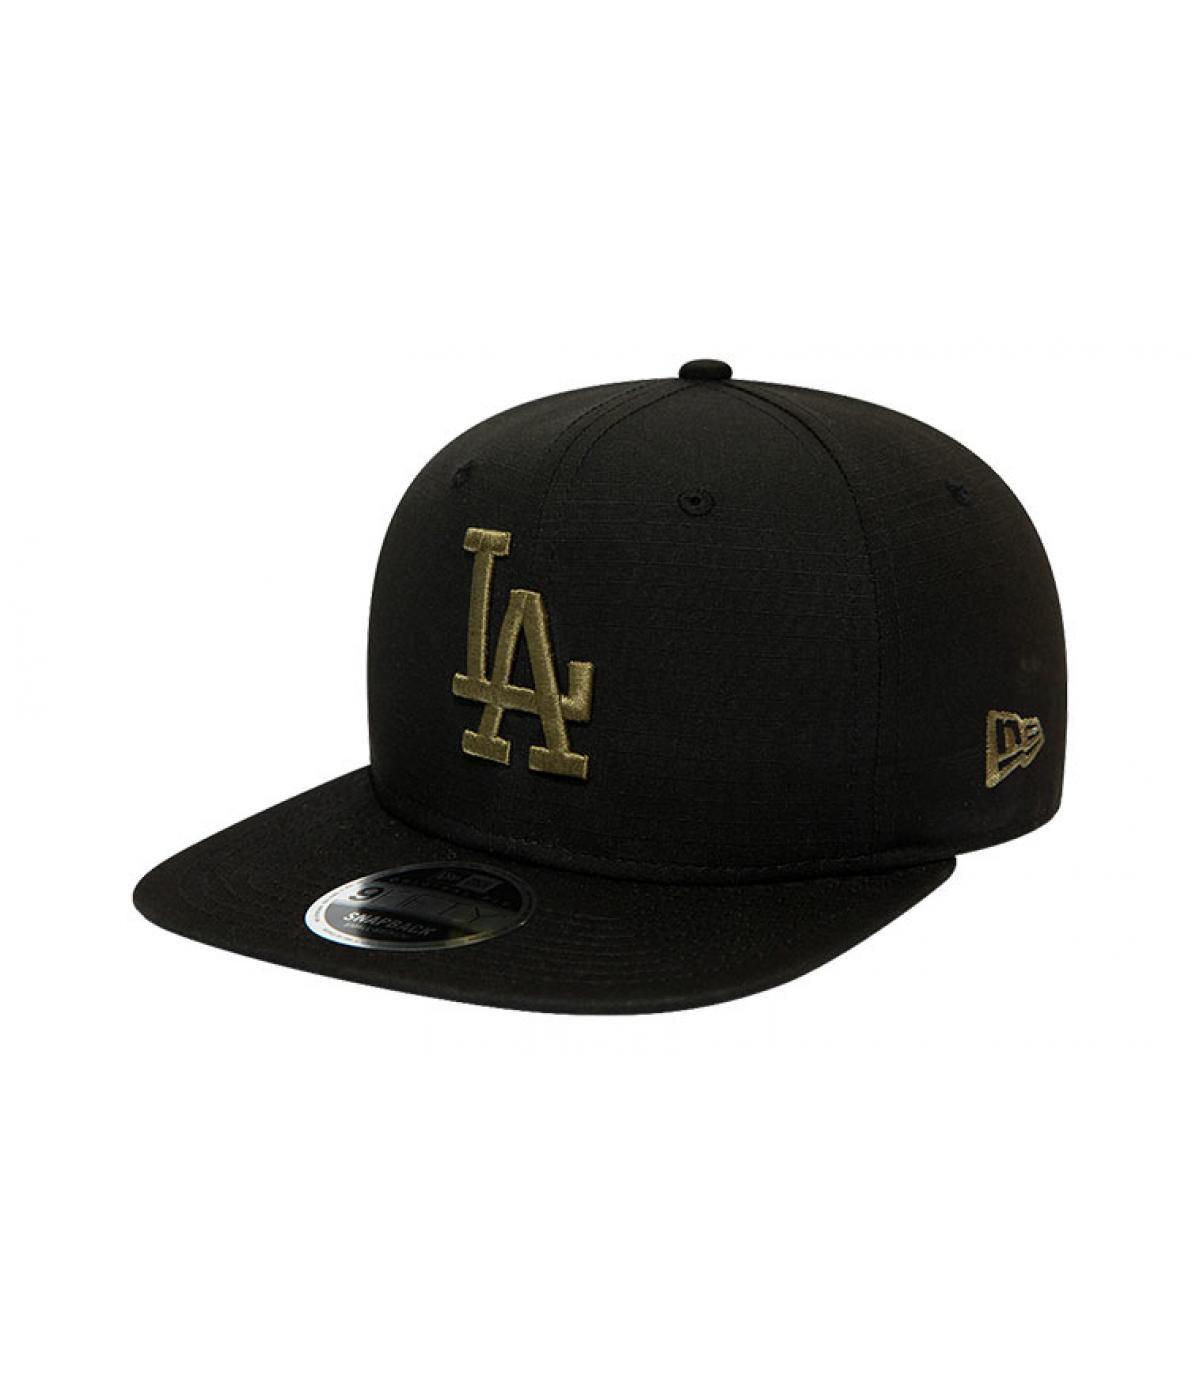 Details Snapback MLB Utility LA 950 black olive - afbeeling 2